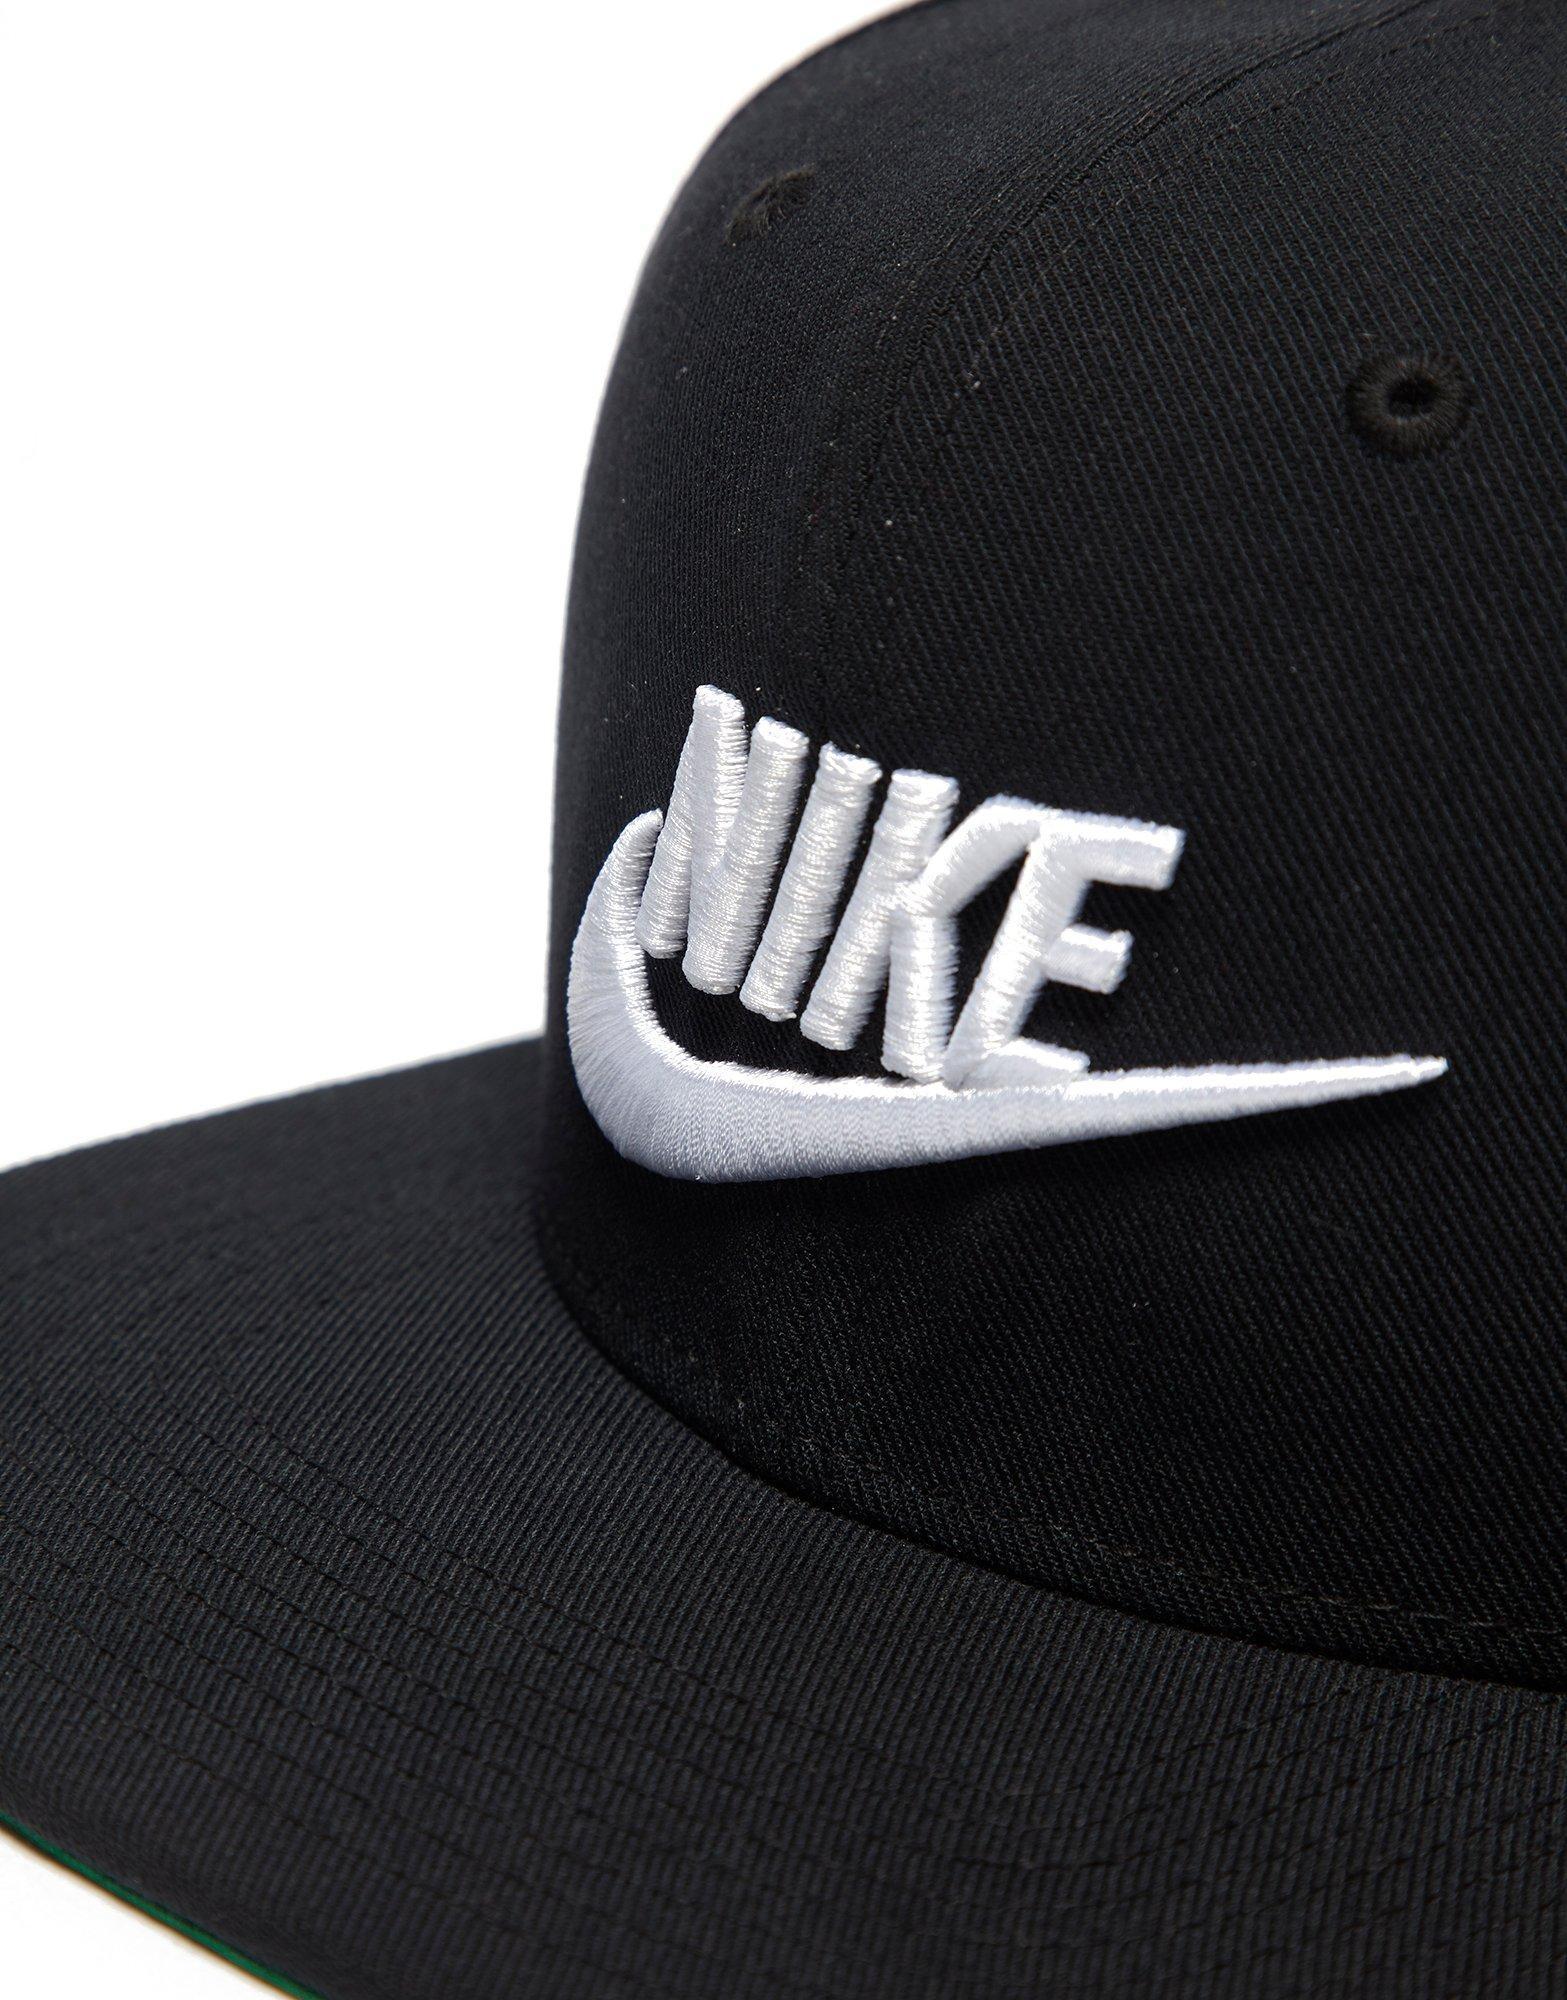 new style 504fb 3e71f ... purchase lyst nike futura true 2 snapback cap in black 28e69 8d01c